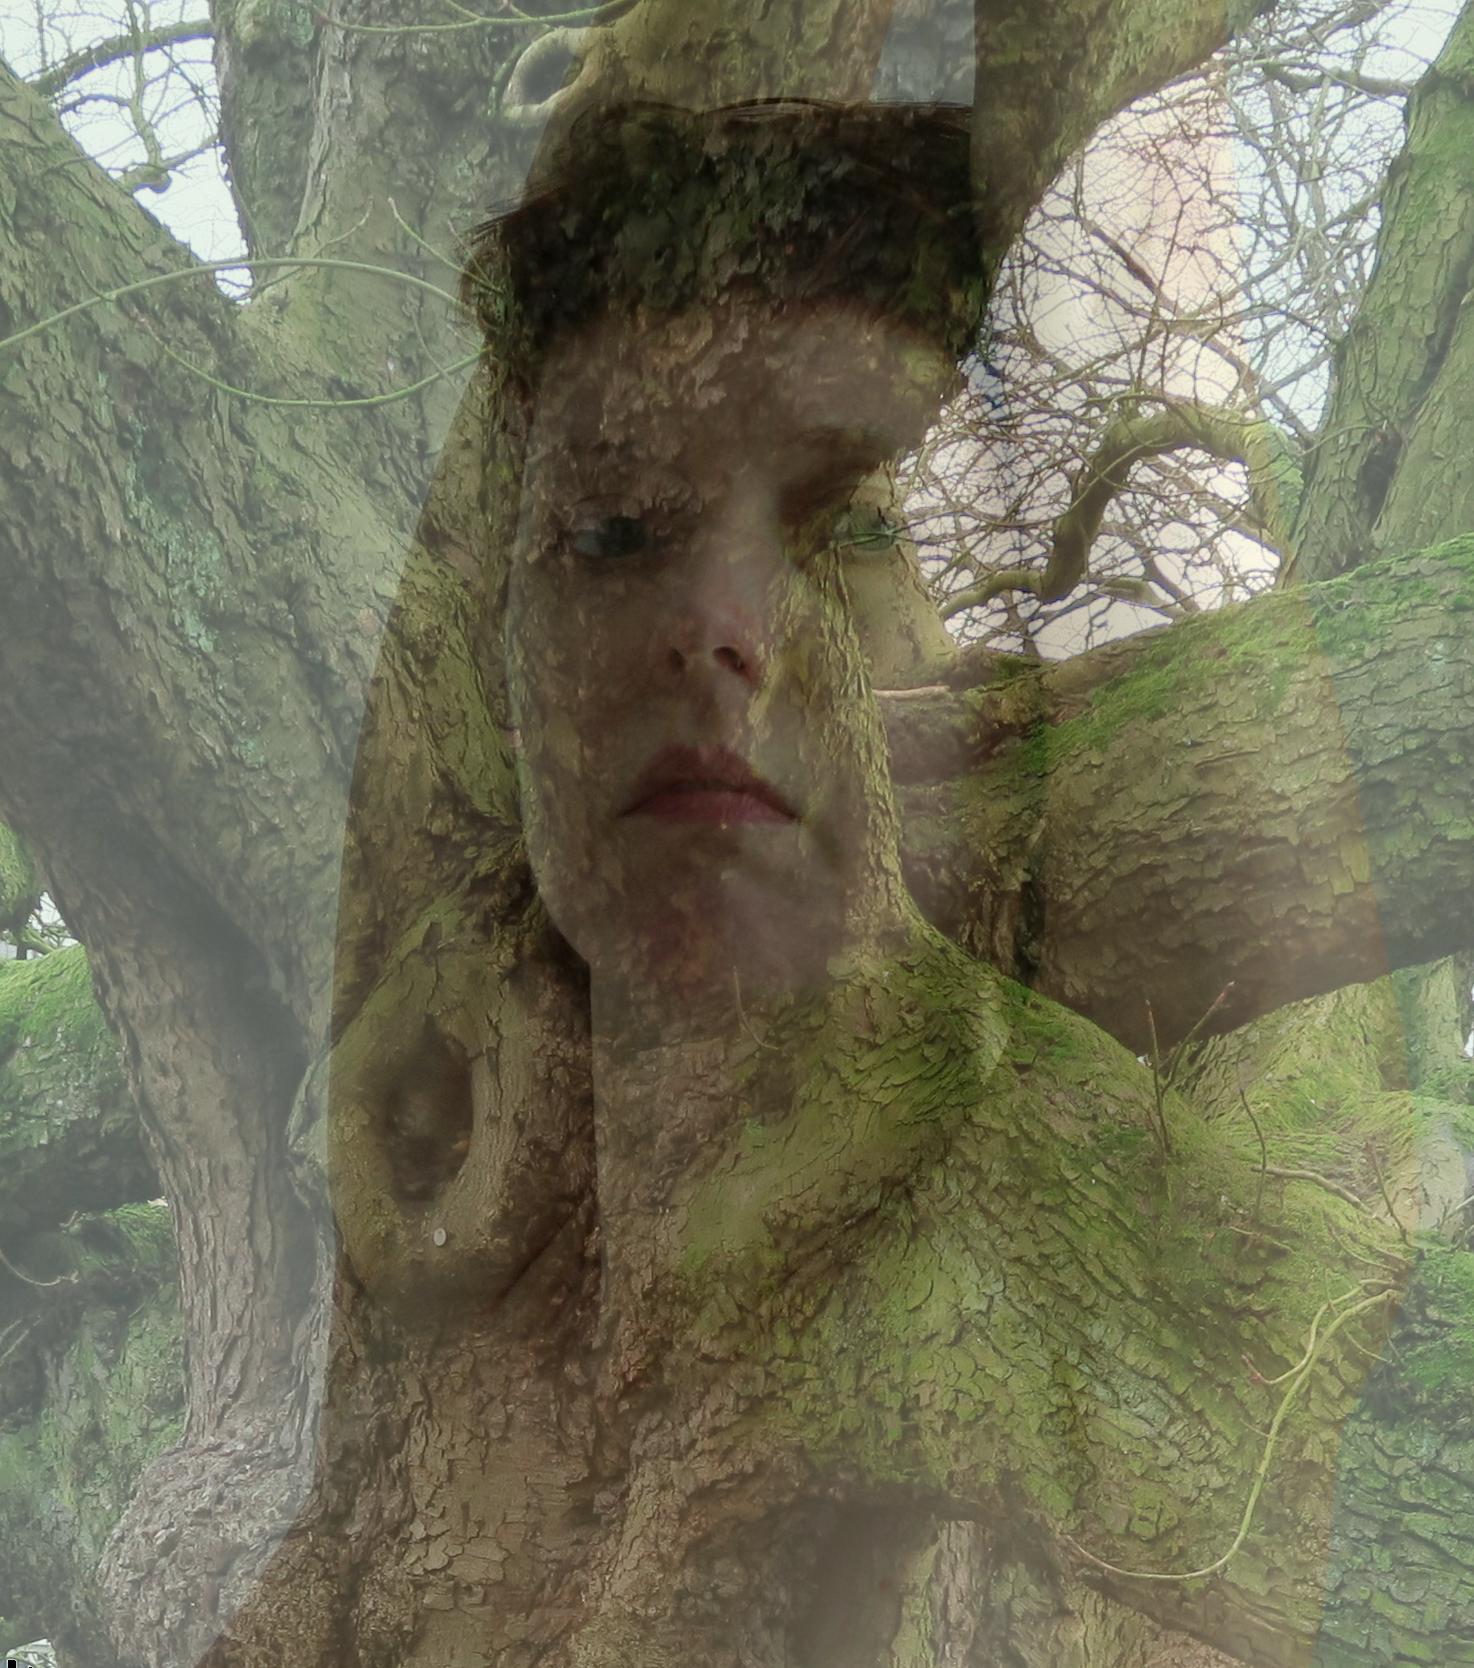 de_tail-celine-arbre-1516735532.png